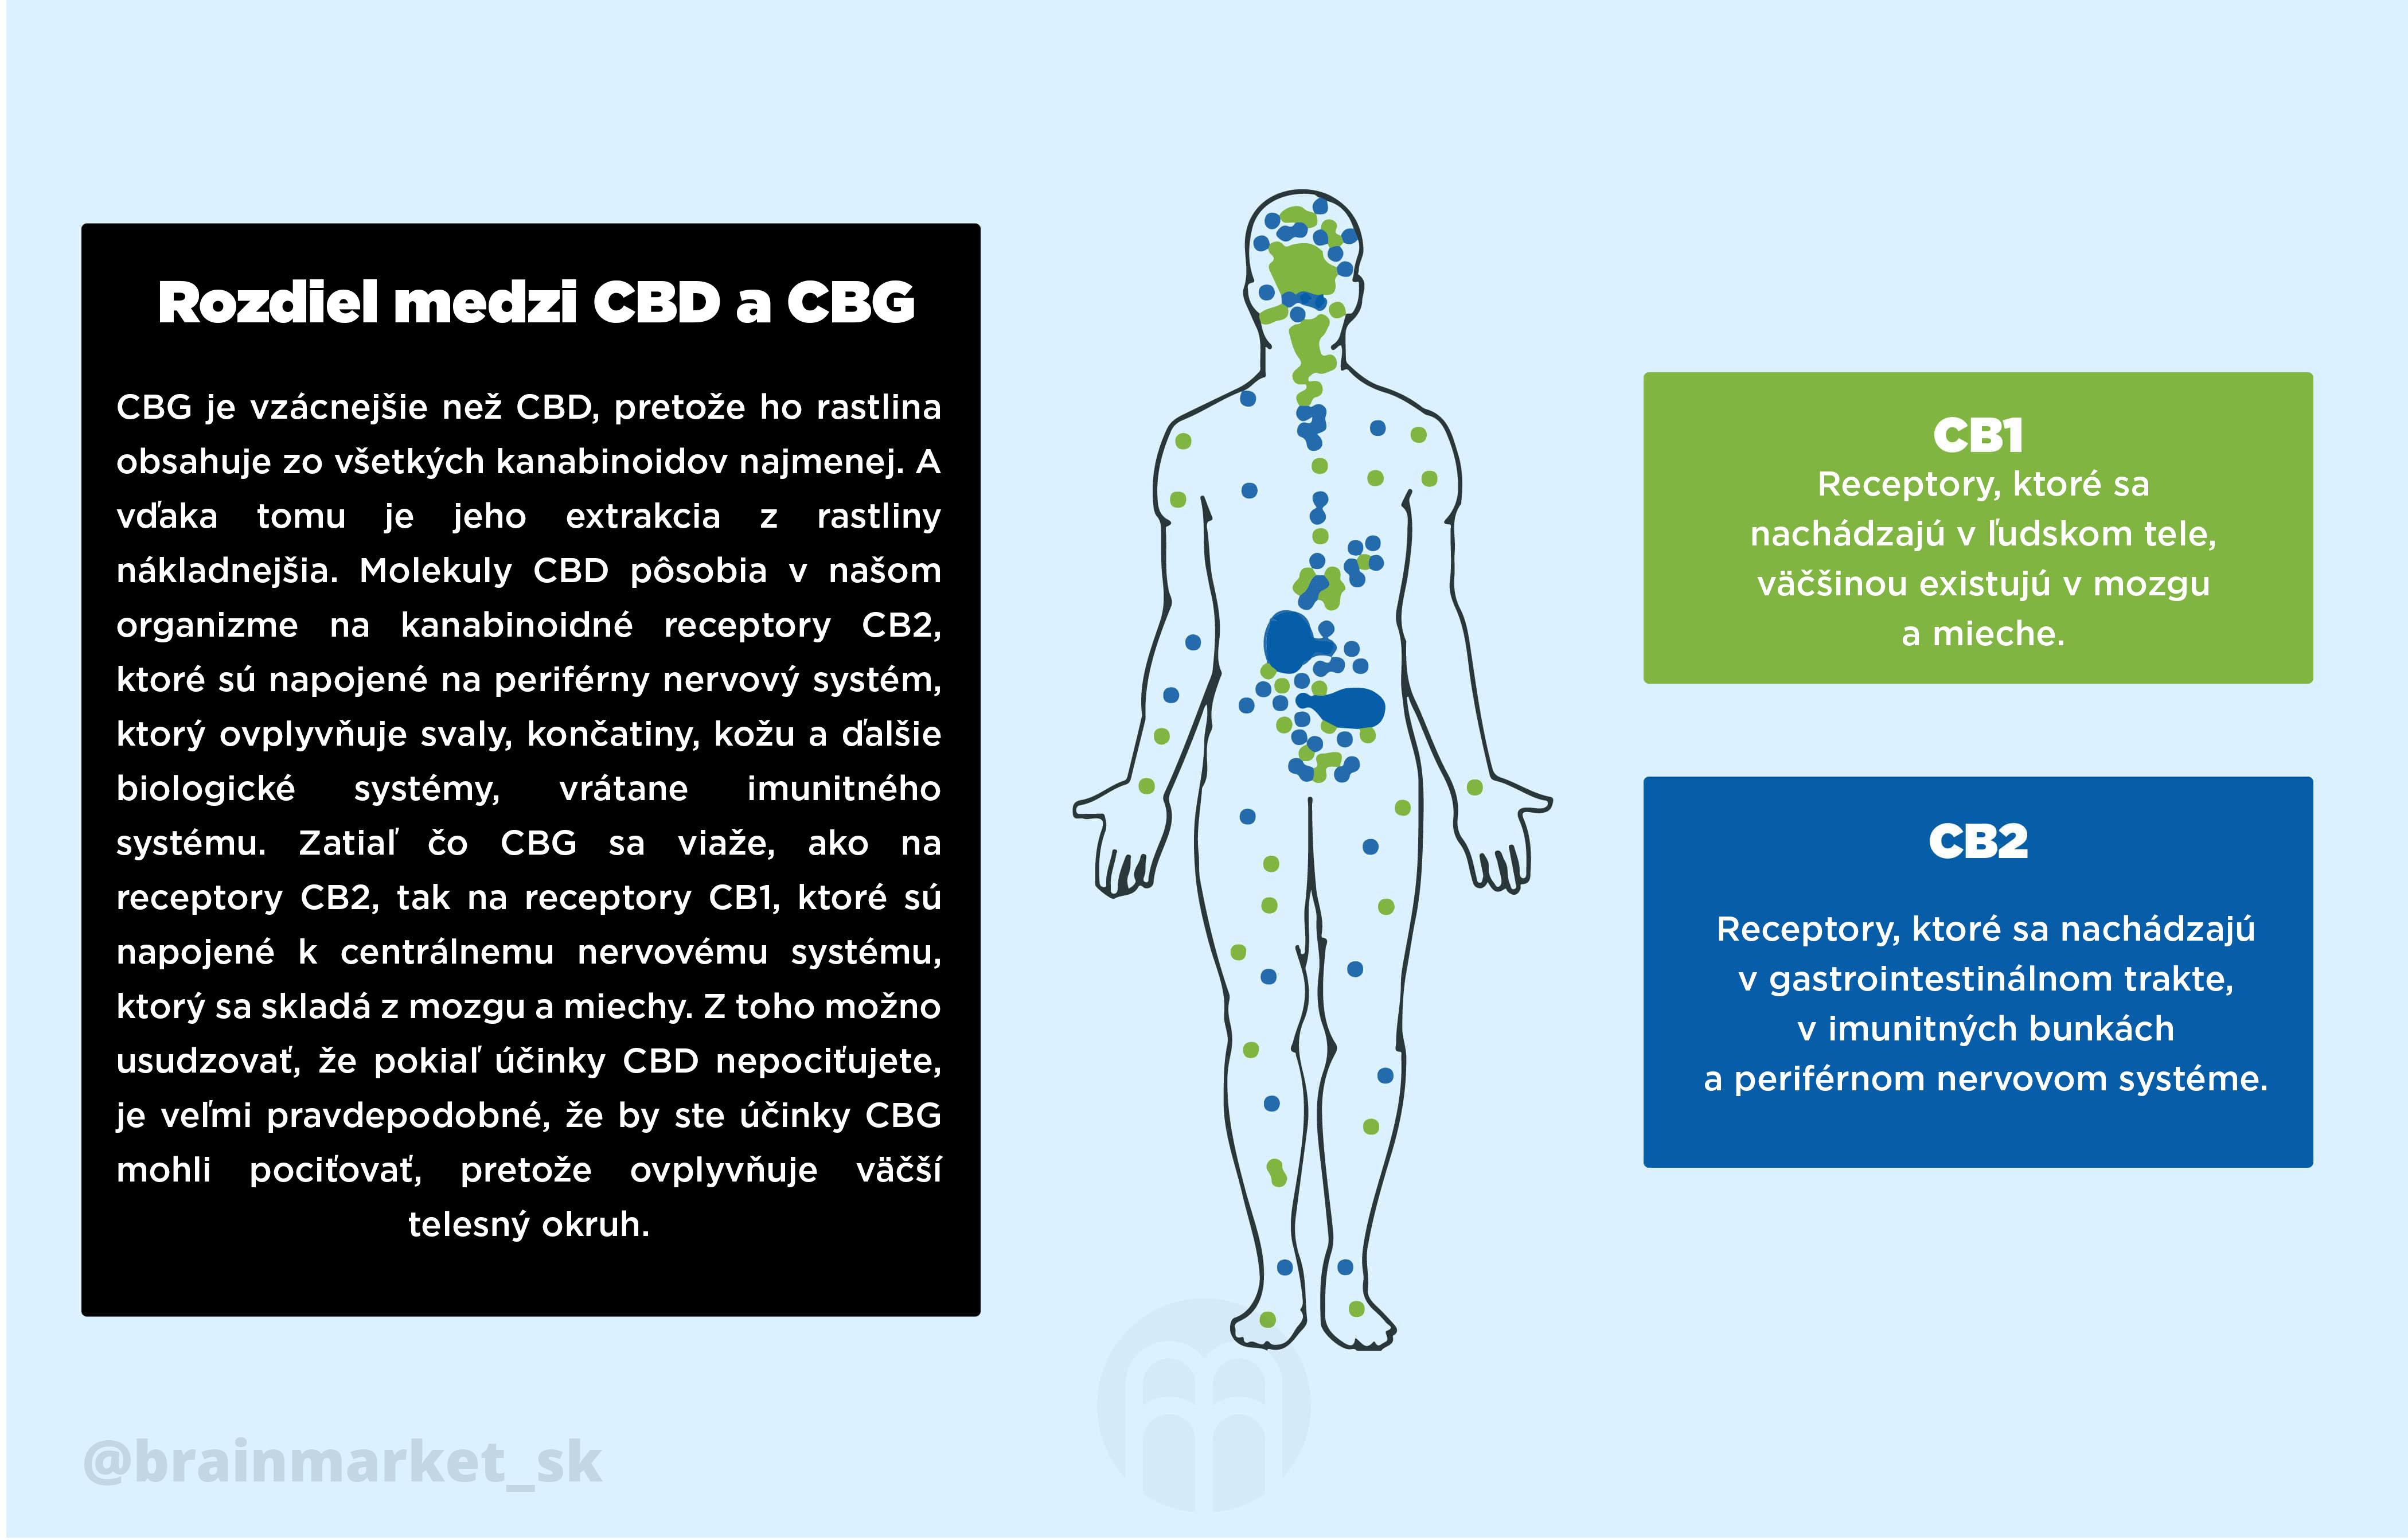 cbd-vs-cbg-infografika-brainmarket-sk